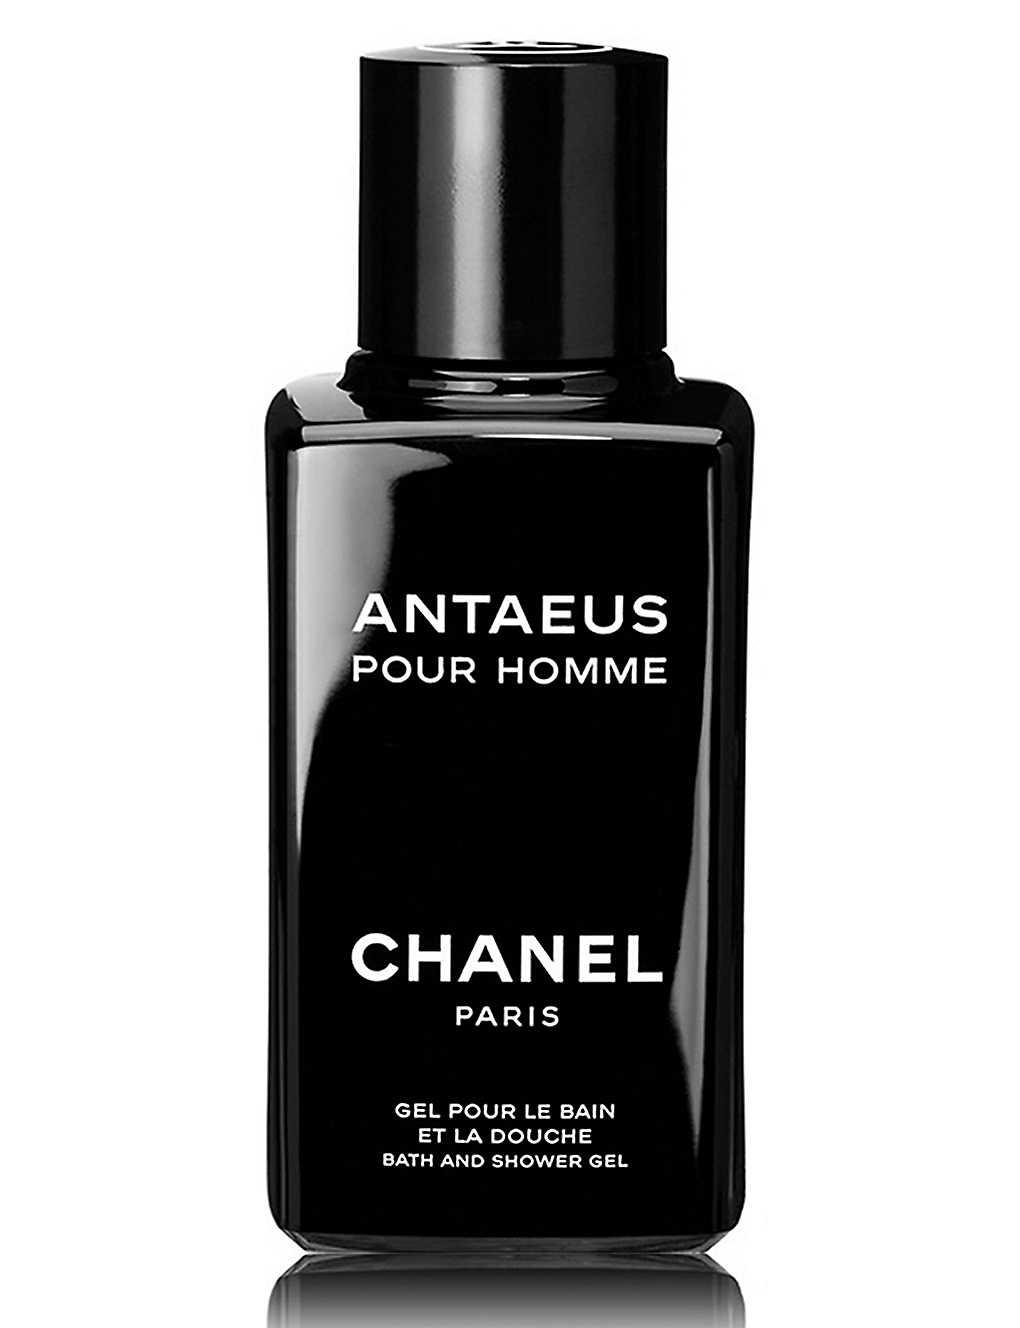 55c93745ec4 CHANEL - ANTAEUS Bath and Shower Gel